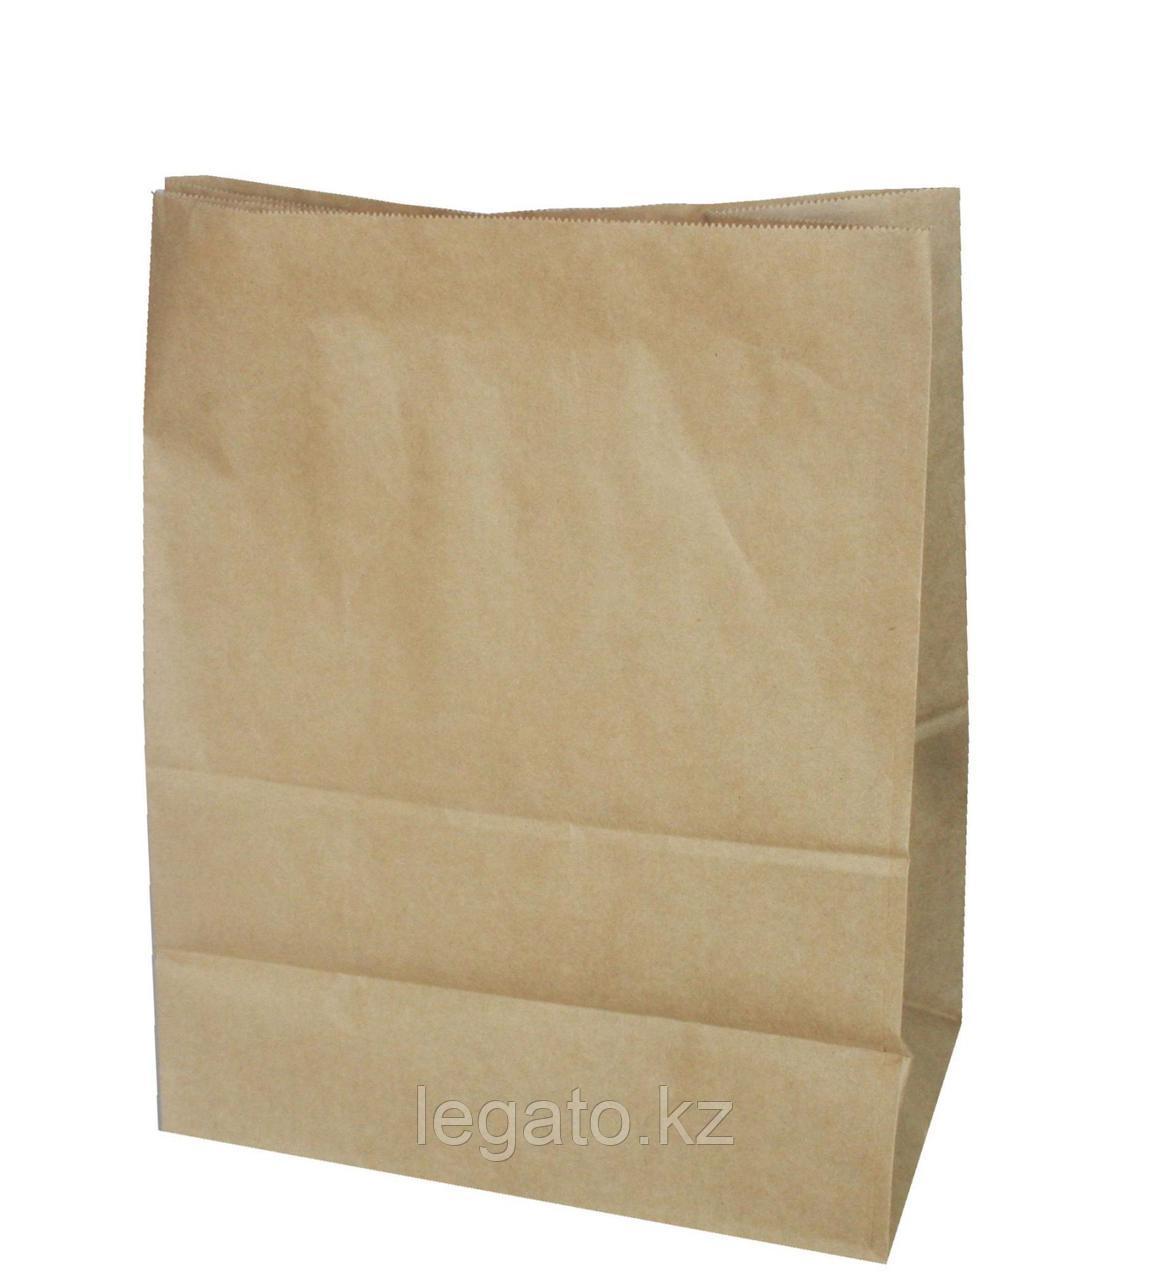 Пакет бумажный 330*200*90 б/п,крафт 1000шт/уп 1200шт/кор